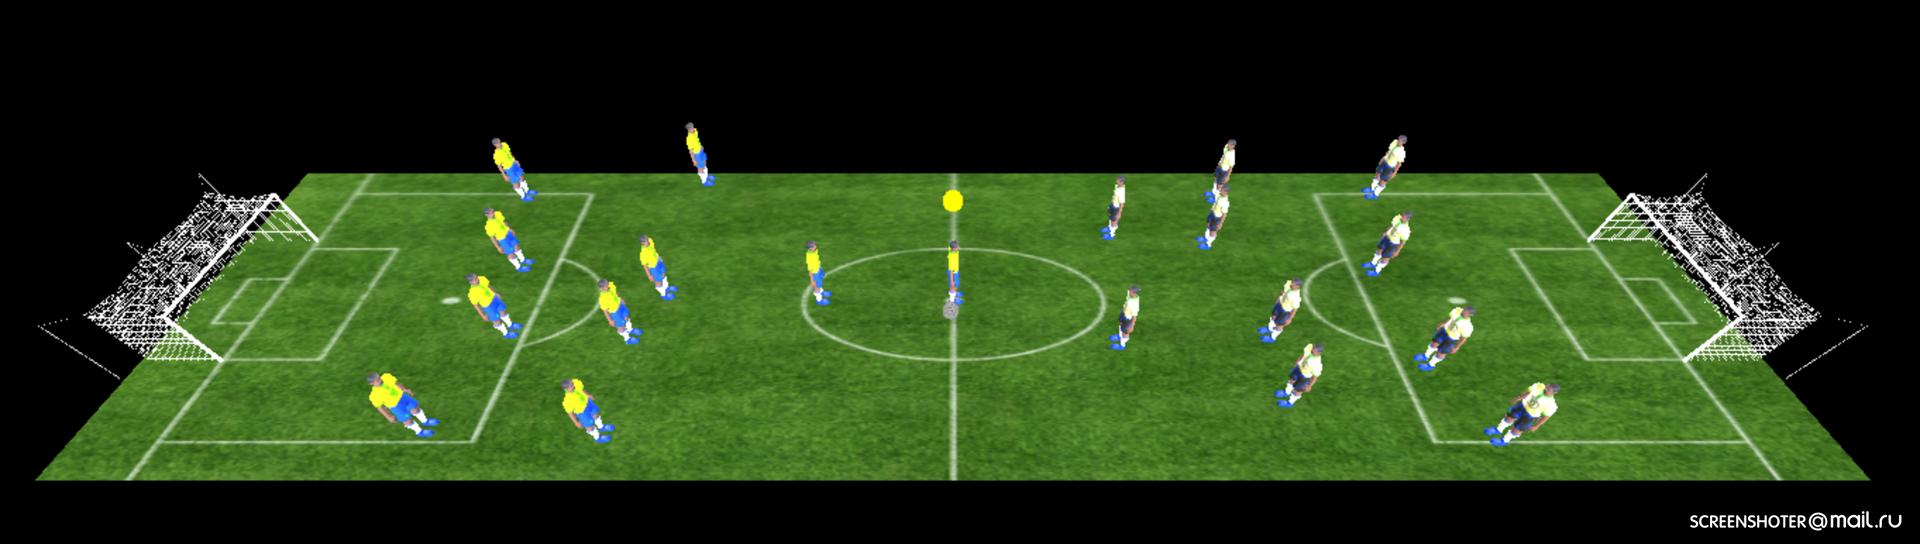 Как я браузерный 3D-футбол писала. Часть 2 - 1